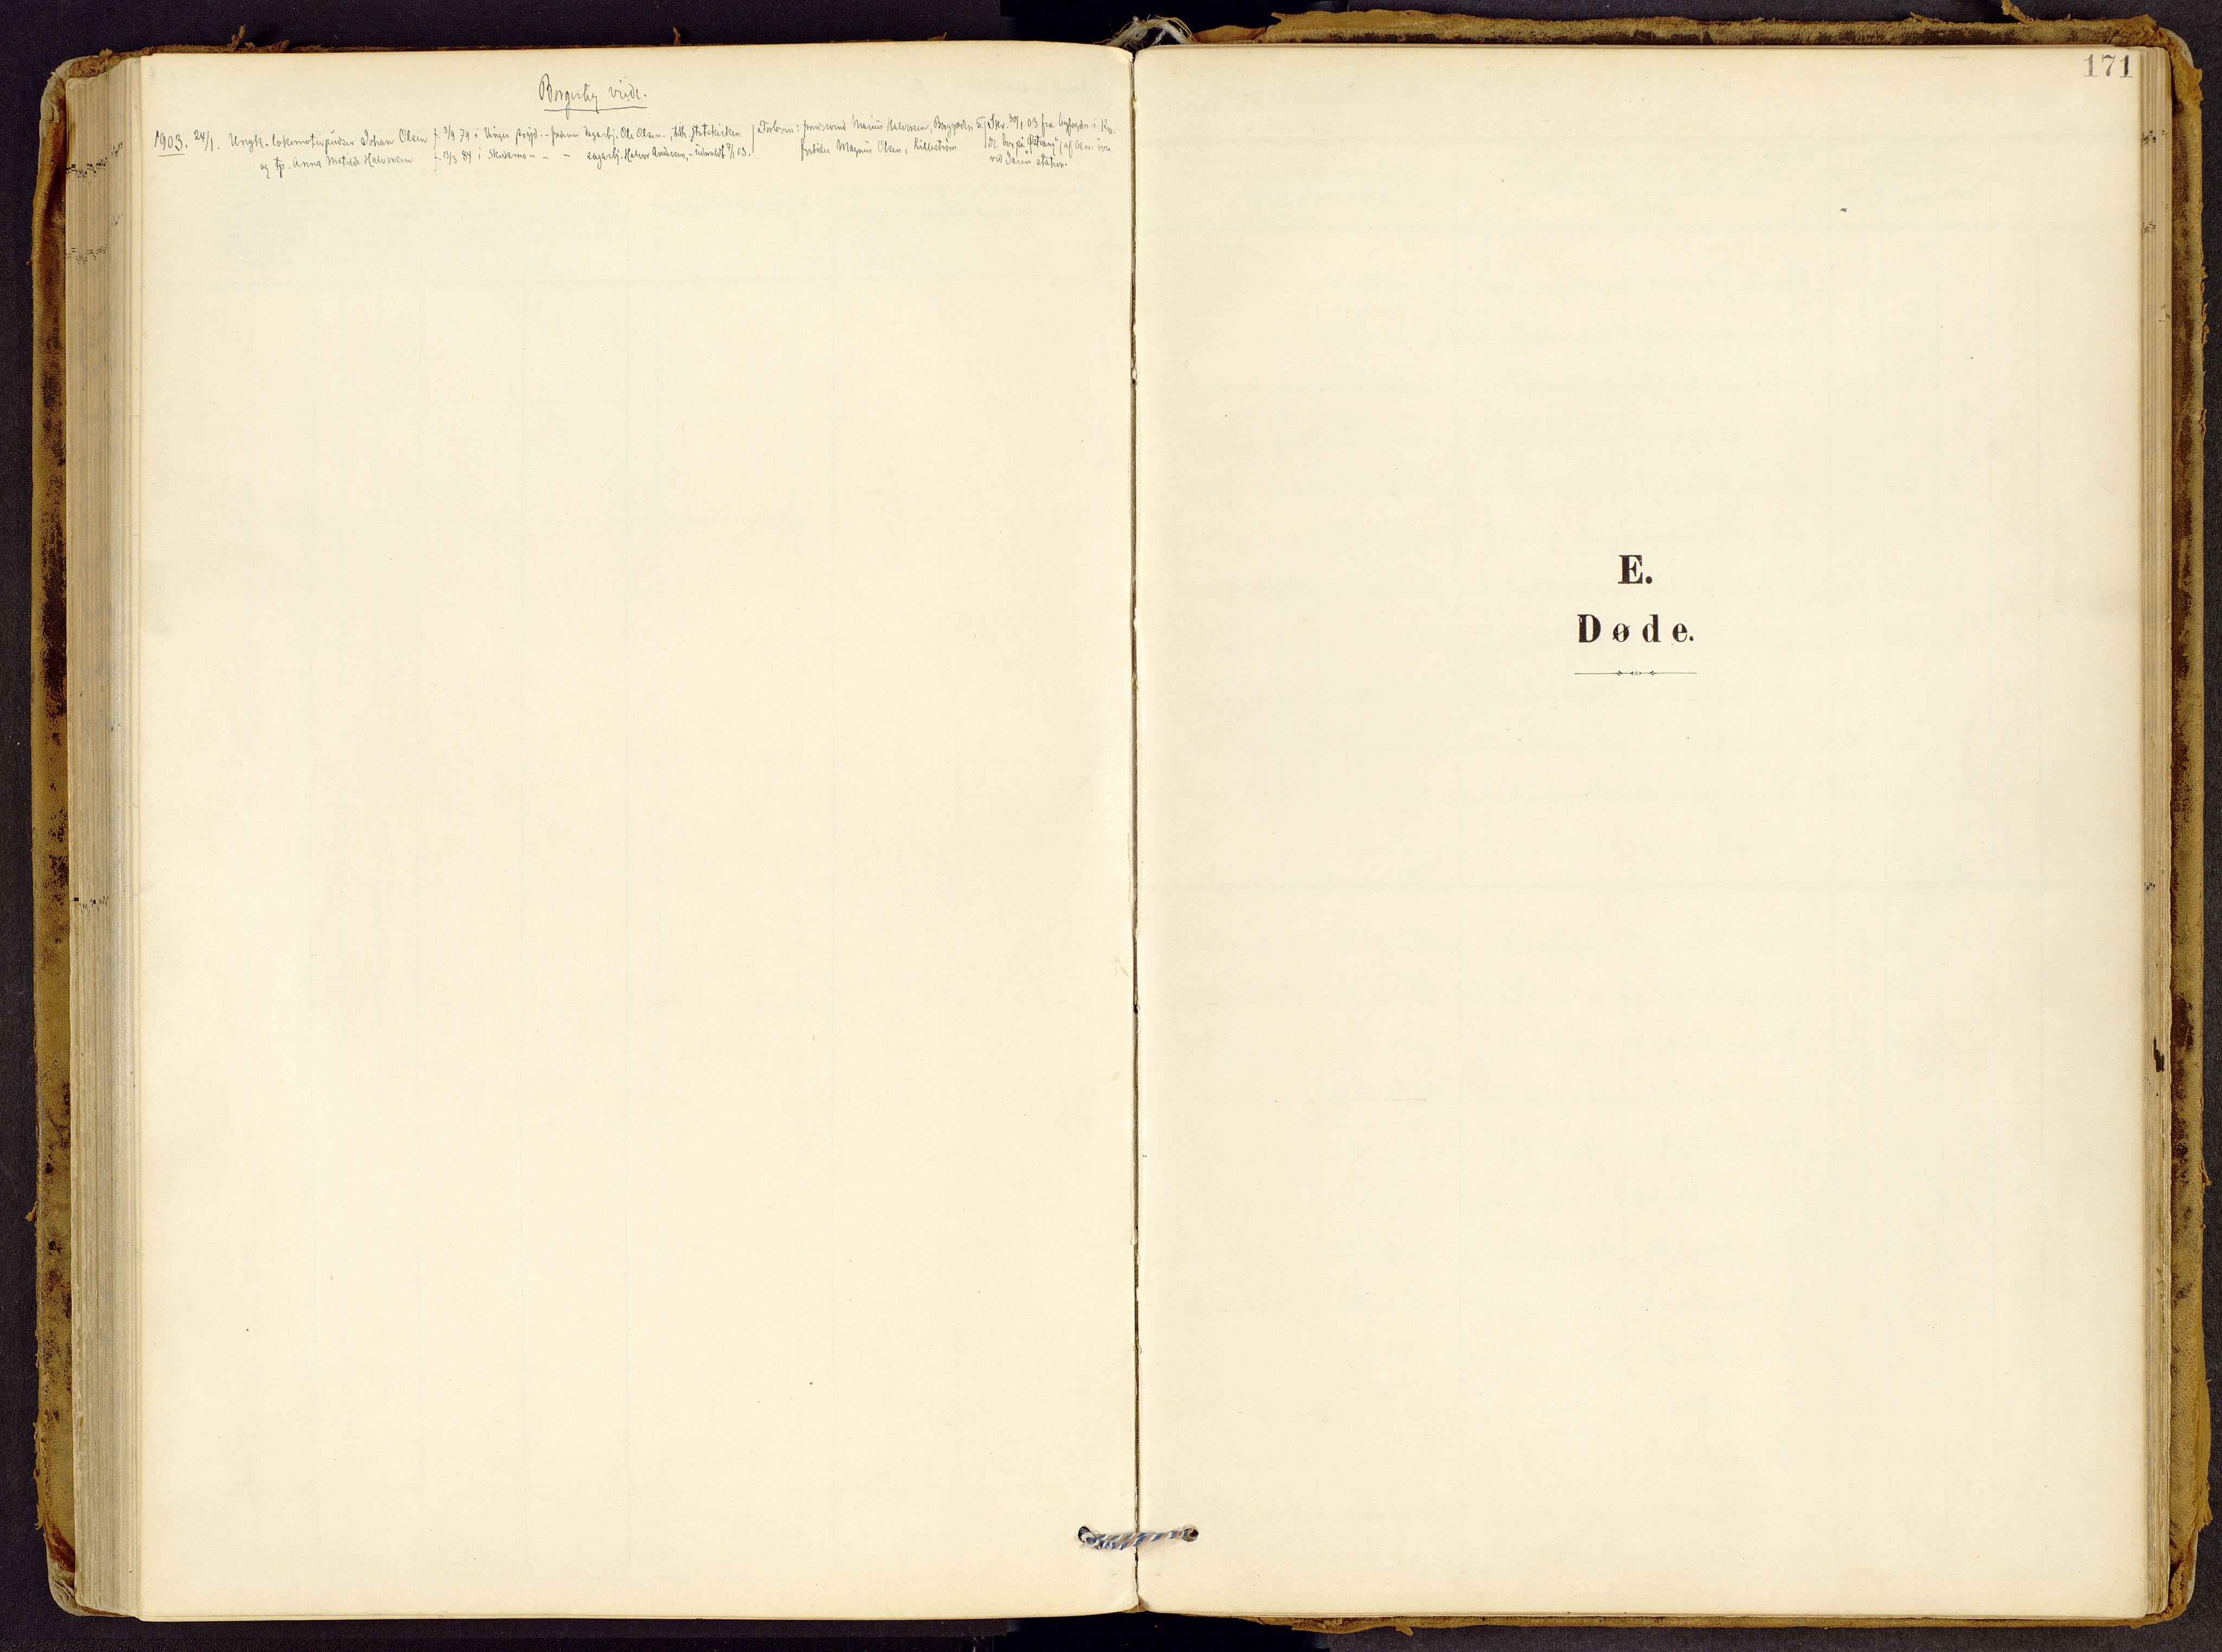 SAH, Brandbu prestekontor, Ministerialbok nr. 2, 1899-1914, s. 171